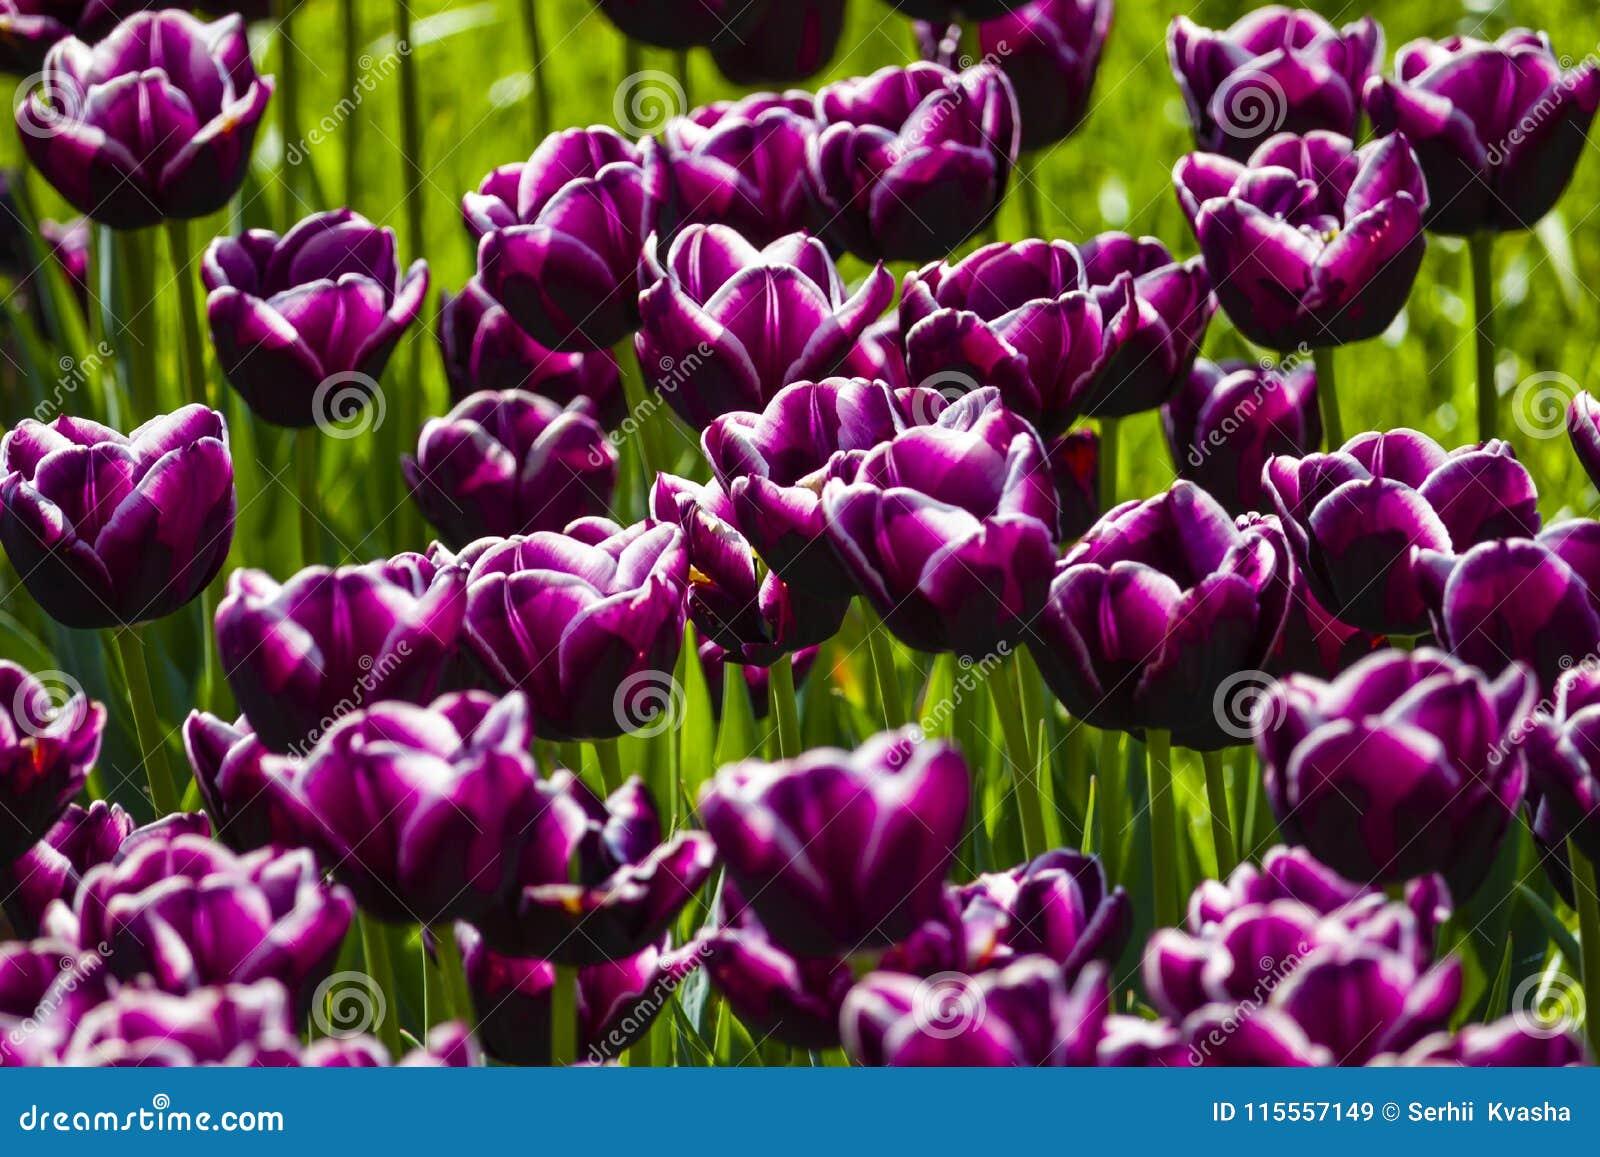 dark purple tulips background stock image image of botany